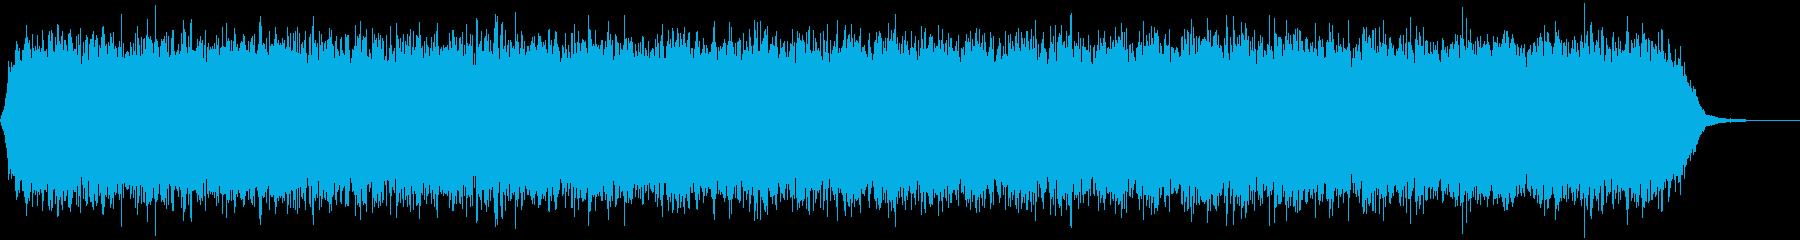 【アンビエント】ドローン_30 実験音の再生済みの波形